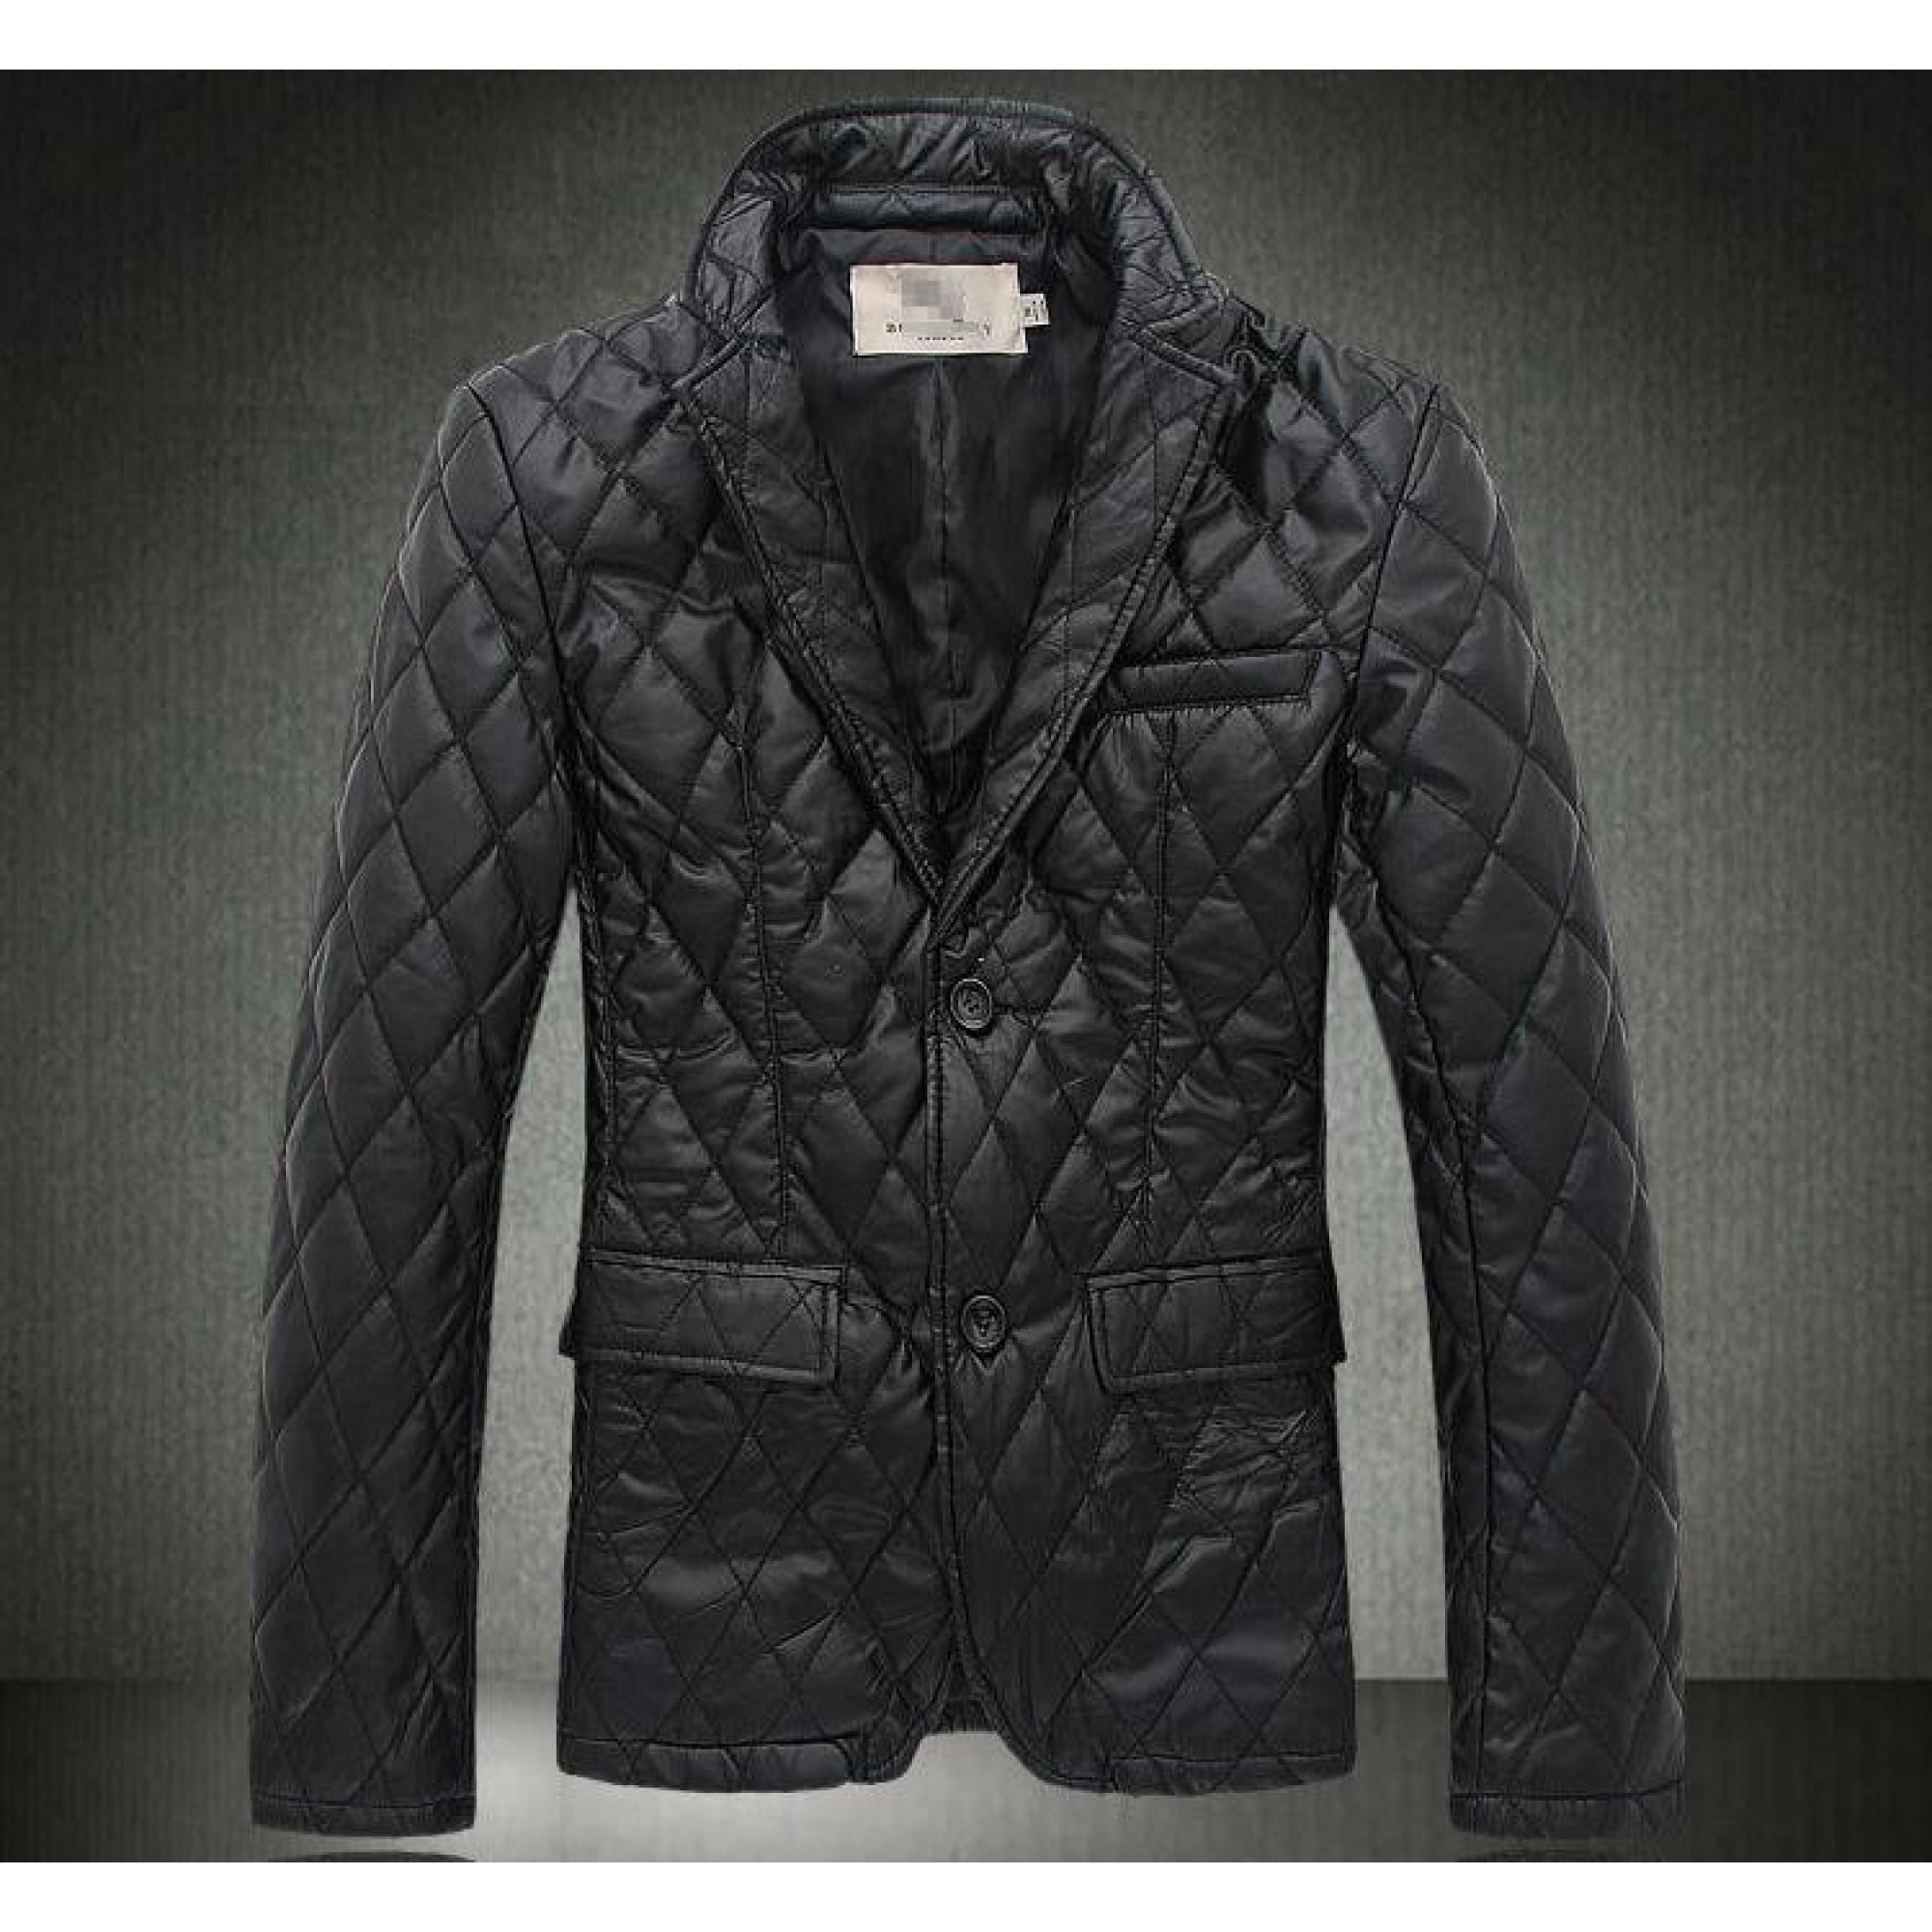 Купить приталенная мужская курточка Burberry — в Киеве, код товара 7492 7008e15db17